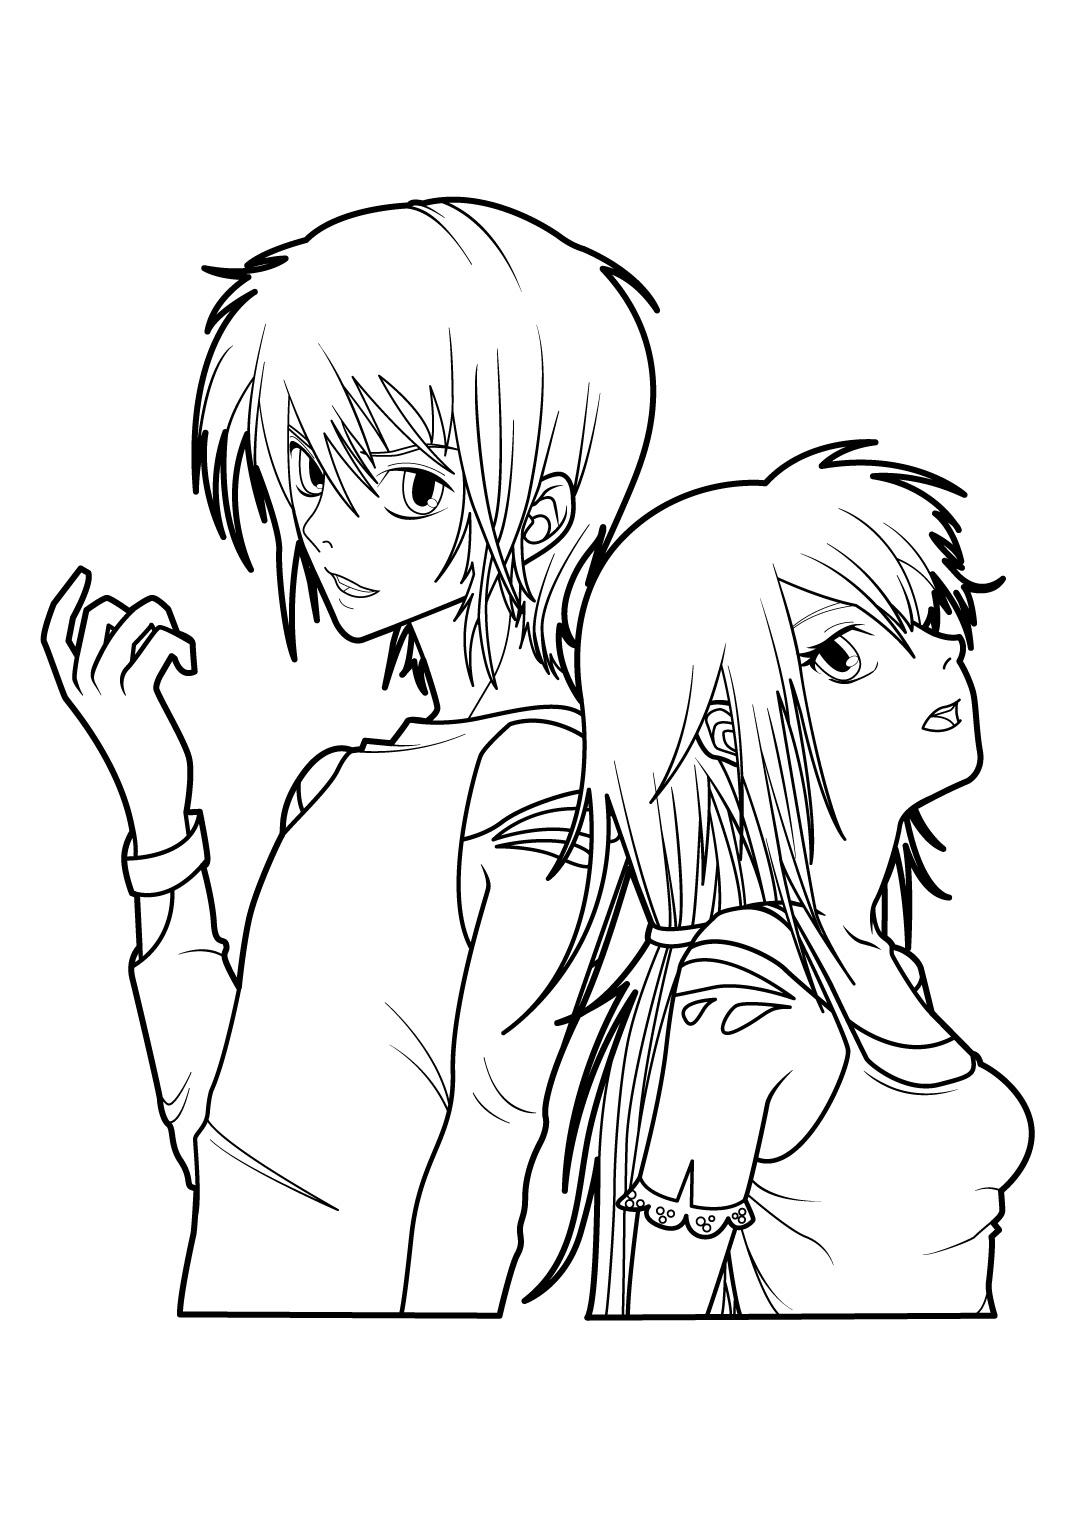 63 dessins de coloriage fille manga à imprimer sur LaGuerche.com - Page 5